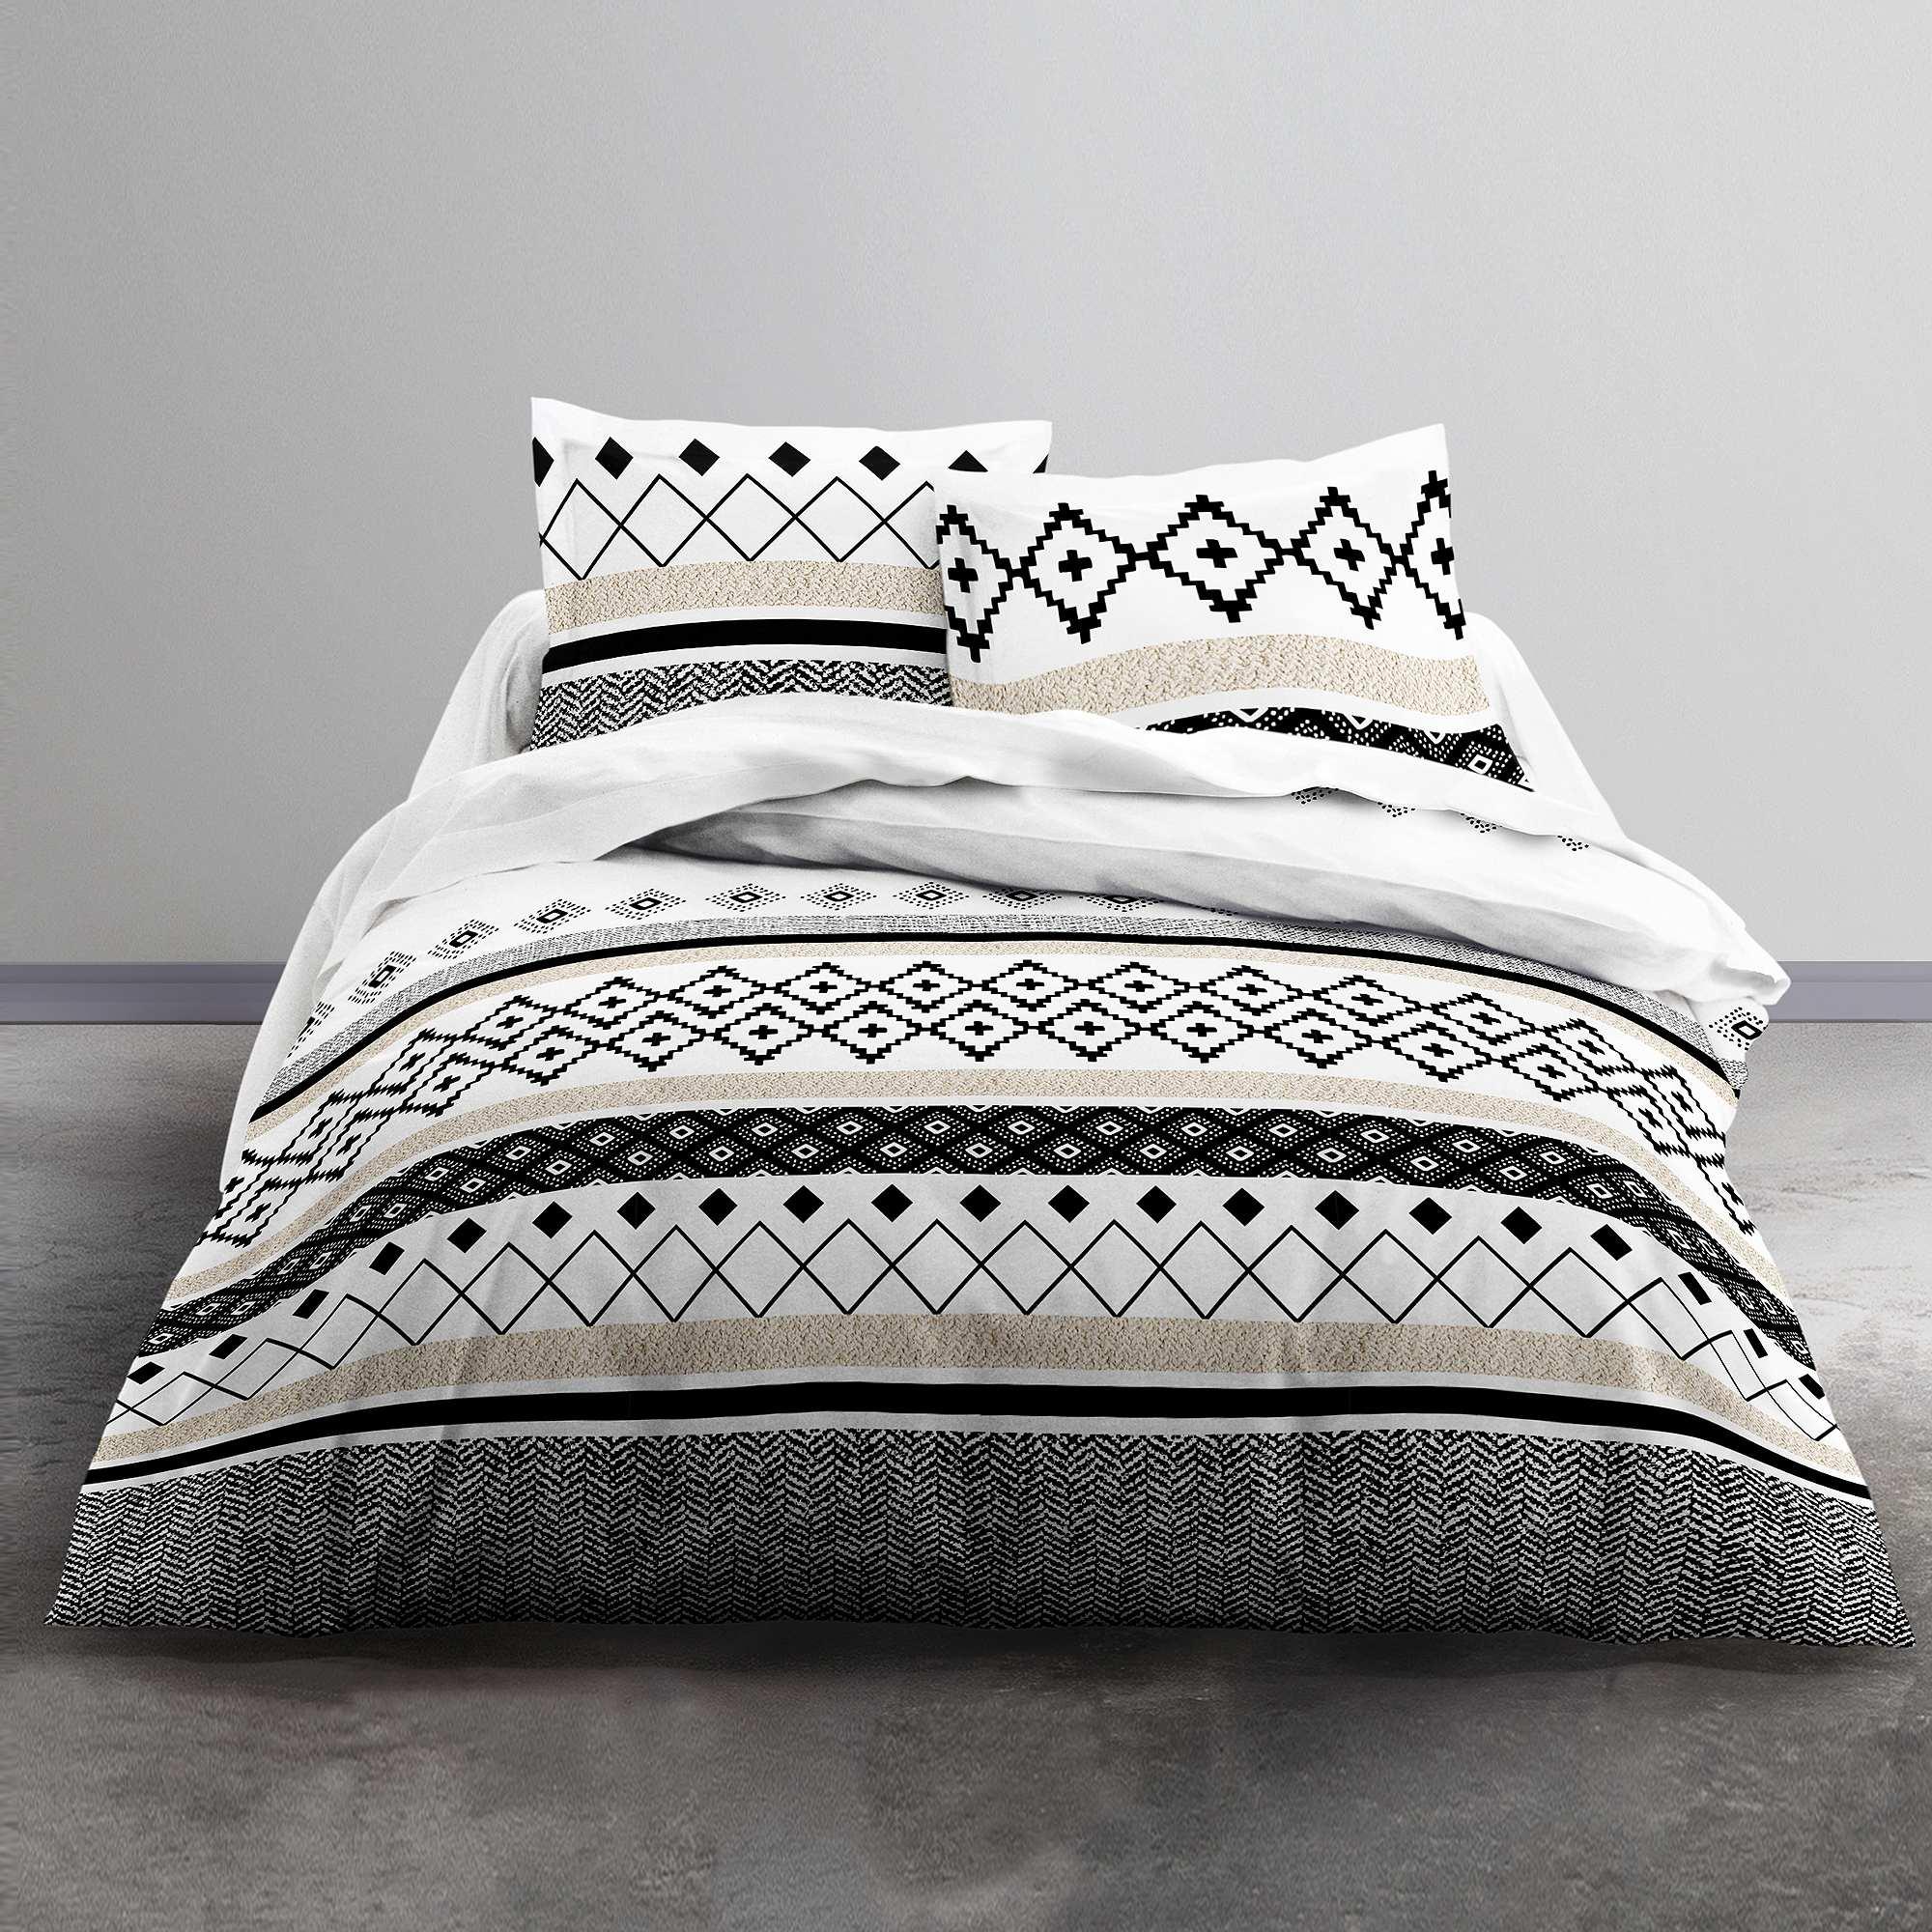 Couleur : blanc/noir, , ,, - Taille : 240x220, , ,,Des couleurs sobres, des motifs géométriques : un linge de lit très chic. - Parure de